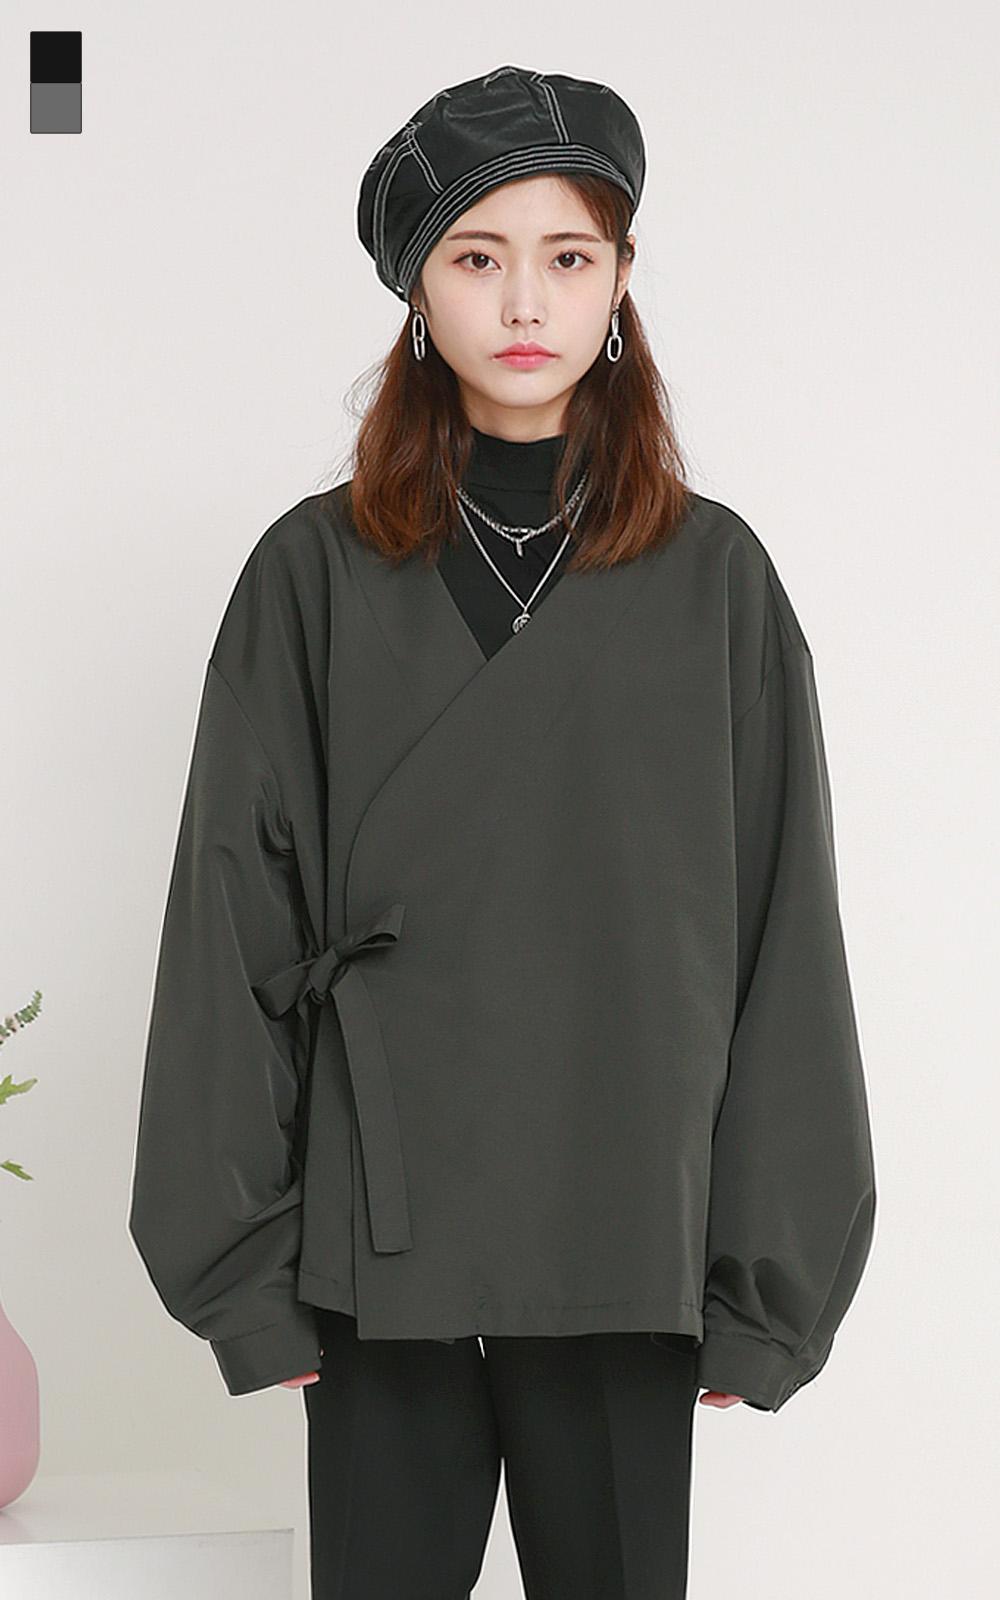 벌룬 유카타 셔츠